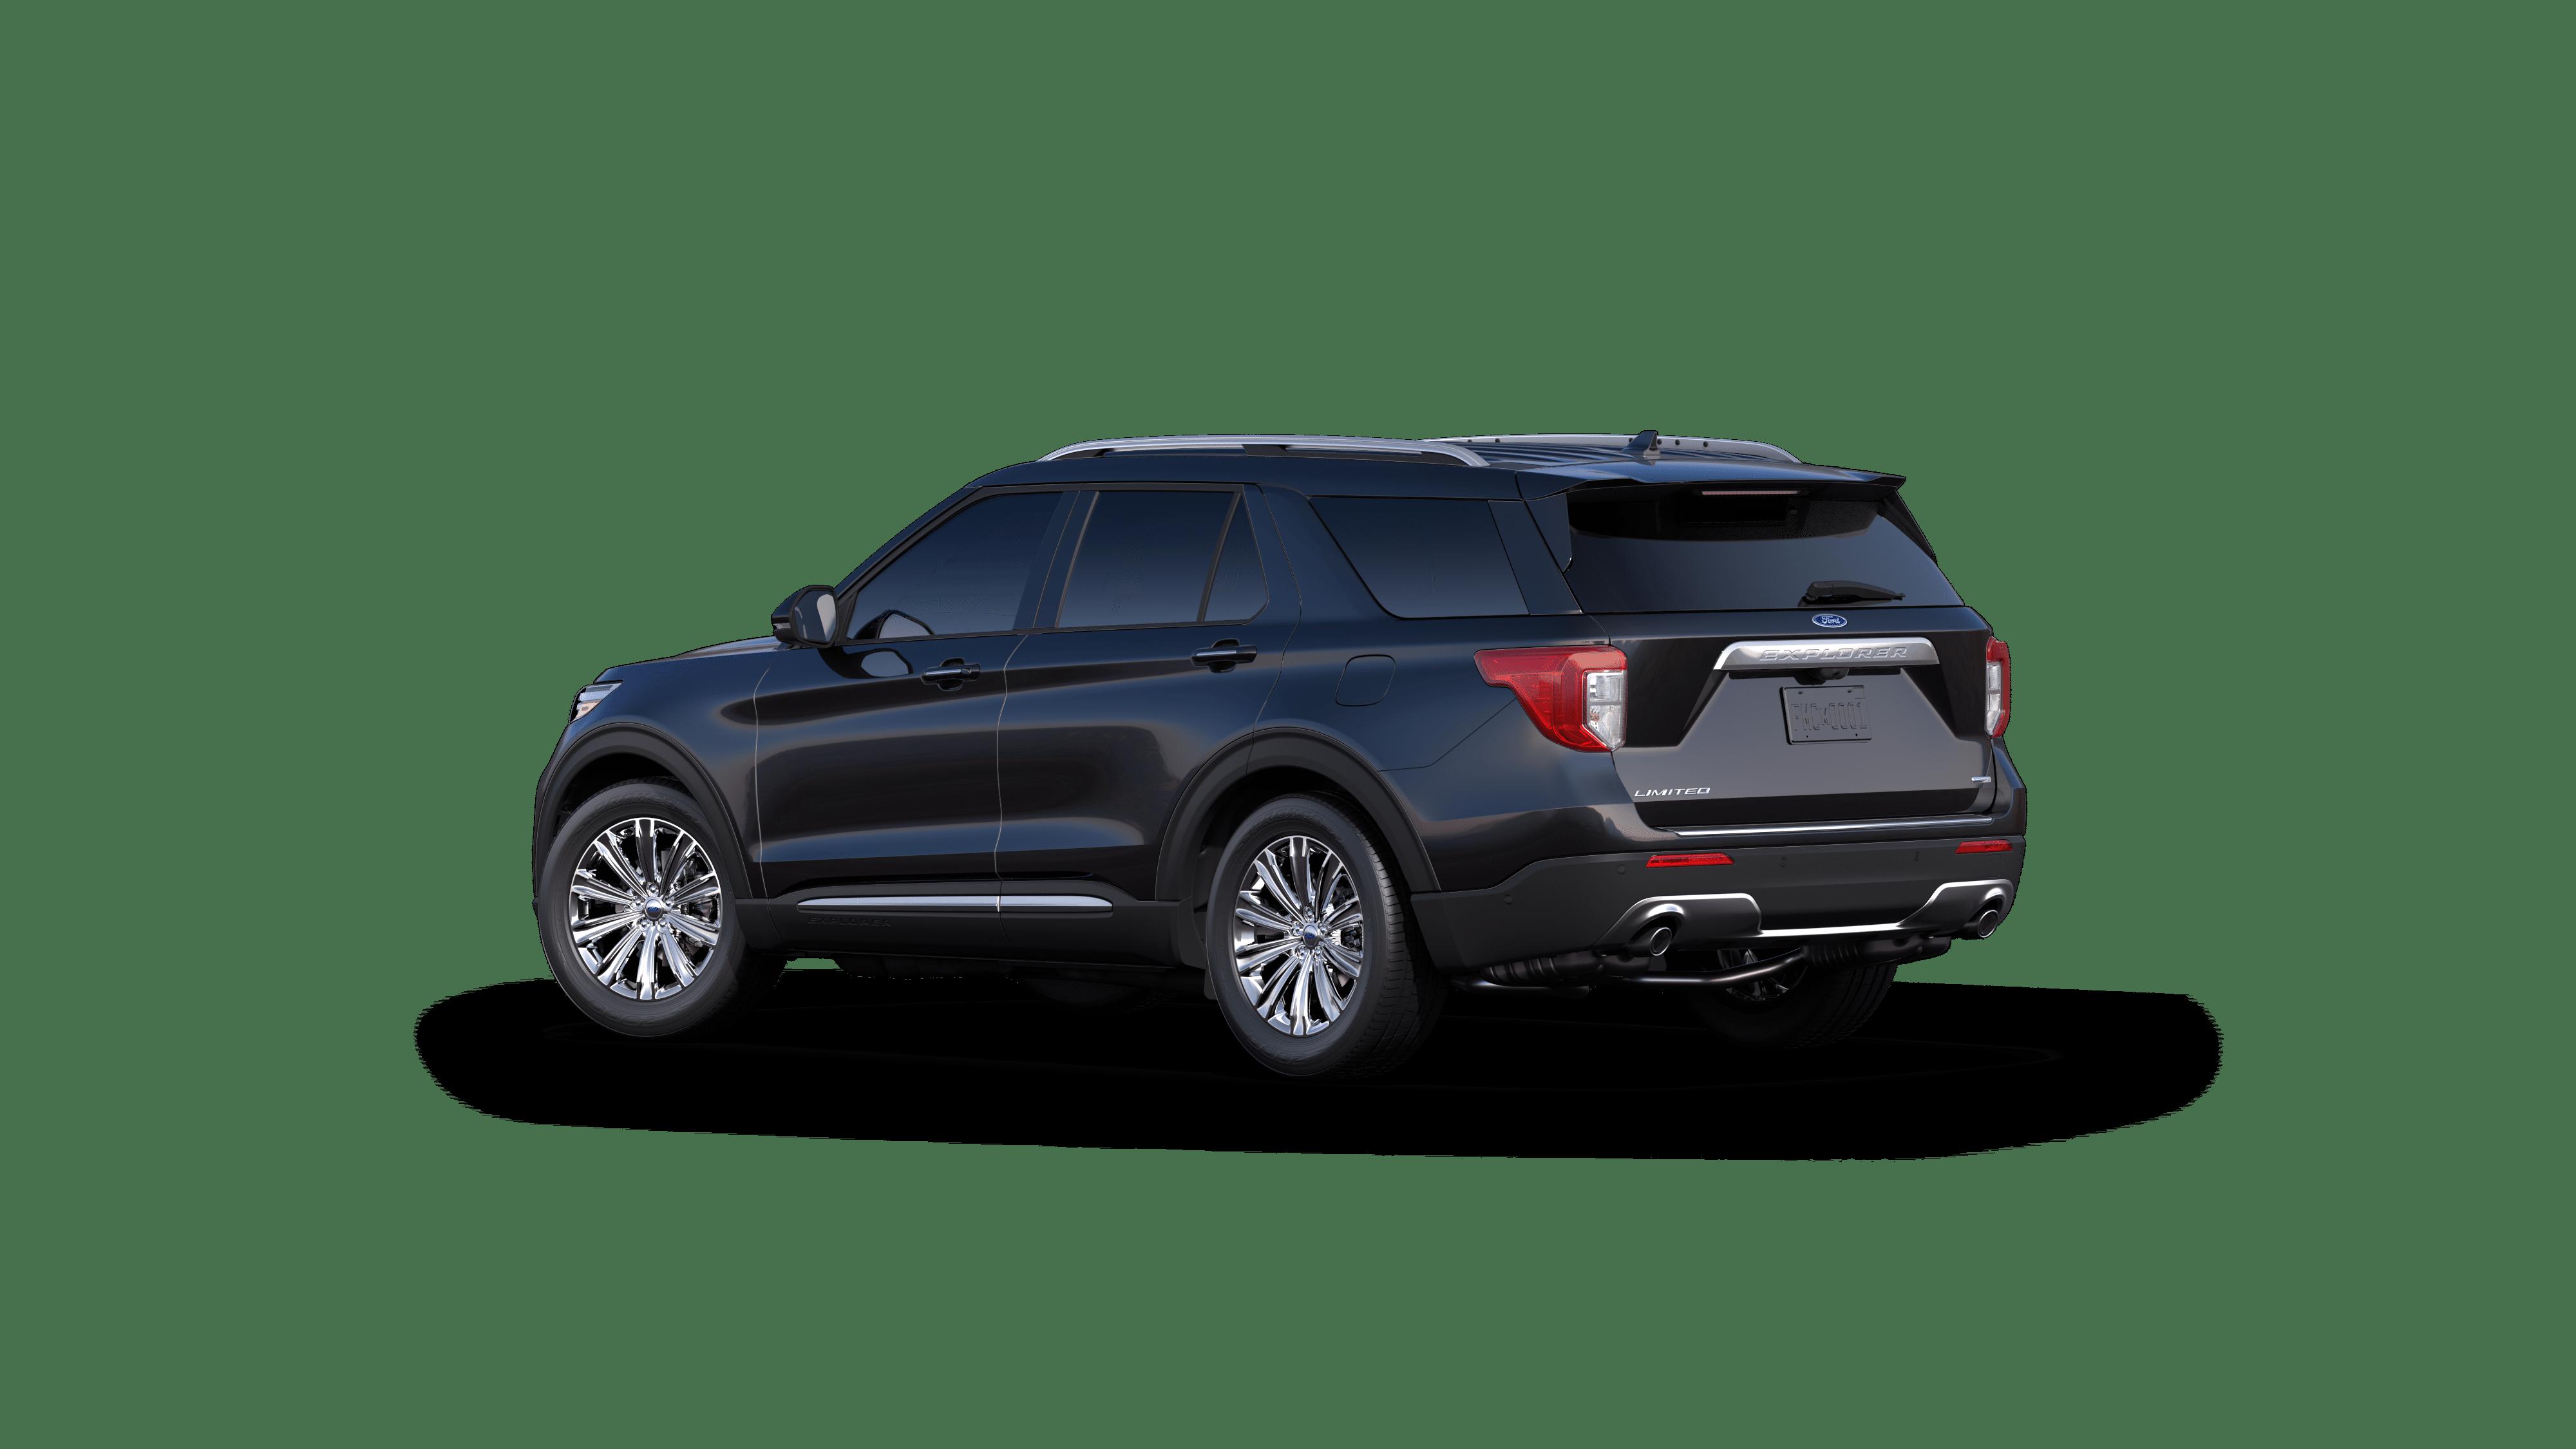 2020 Ford Explorer for sale in Lihue - 1FMSK7FH1LGA06521